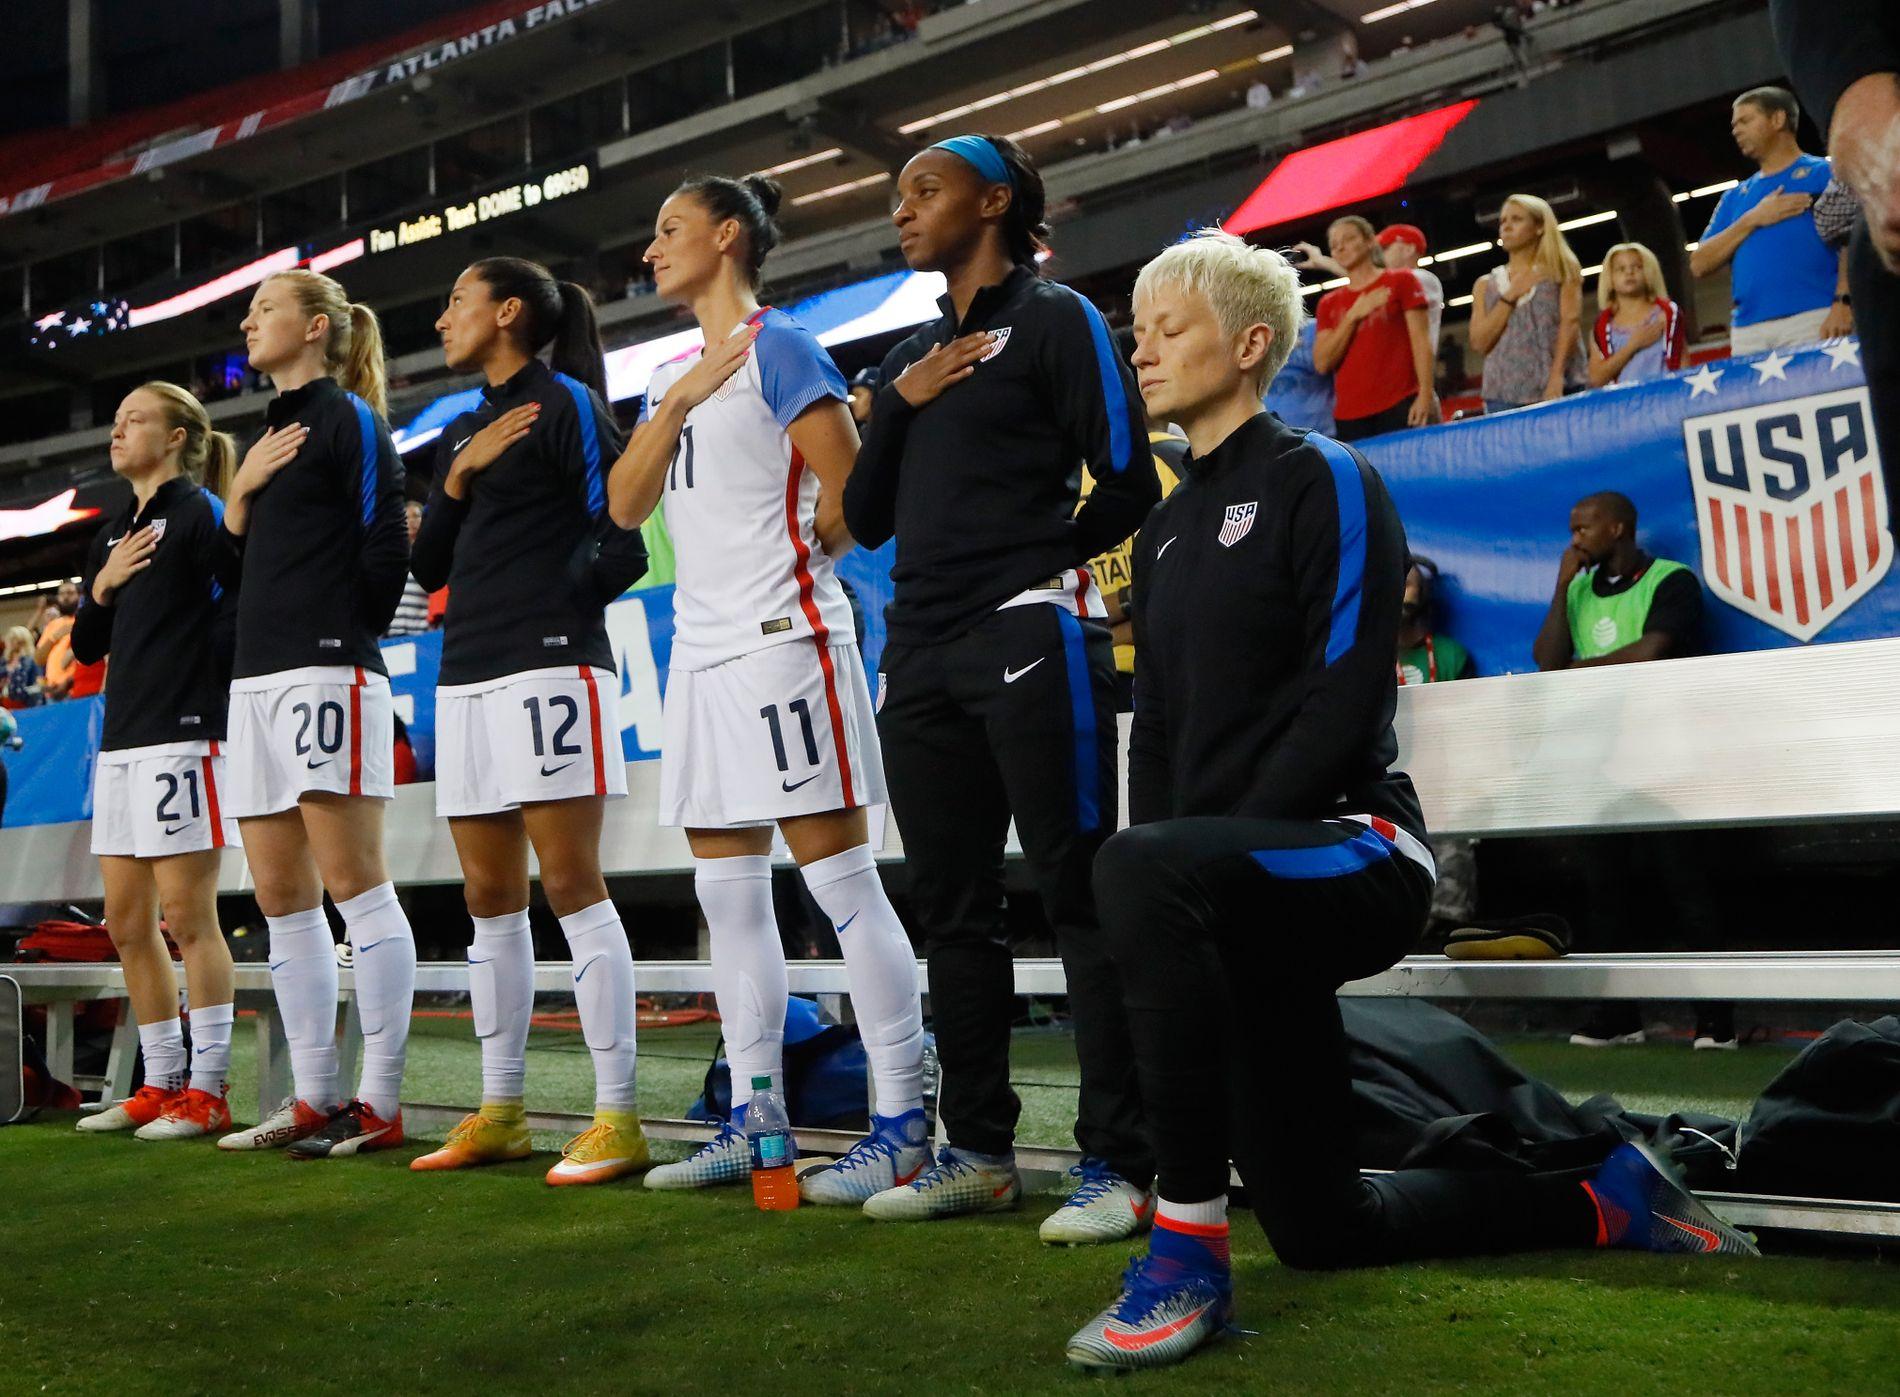 BLE STOPPET: Etter at Megan Rapinoe knelte under avspillingen av nasjonalsangen høsten 2016, som her mot Nederland, innførte det amerikanske forbundet en regel som forhindret at spillerne skulle gjøre det.